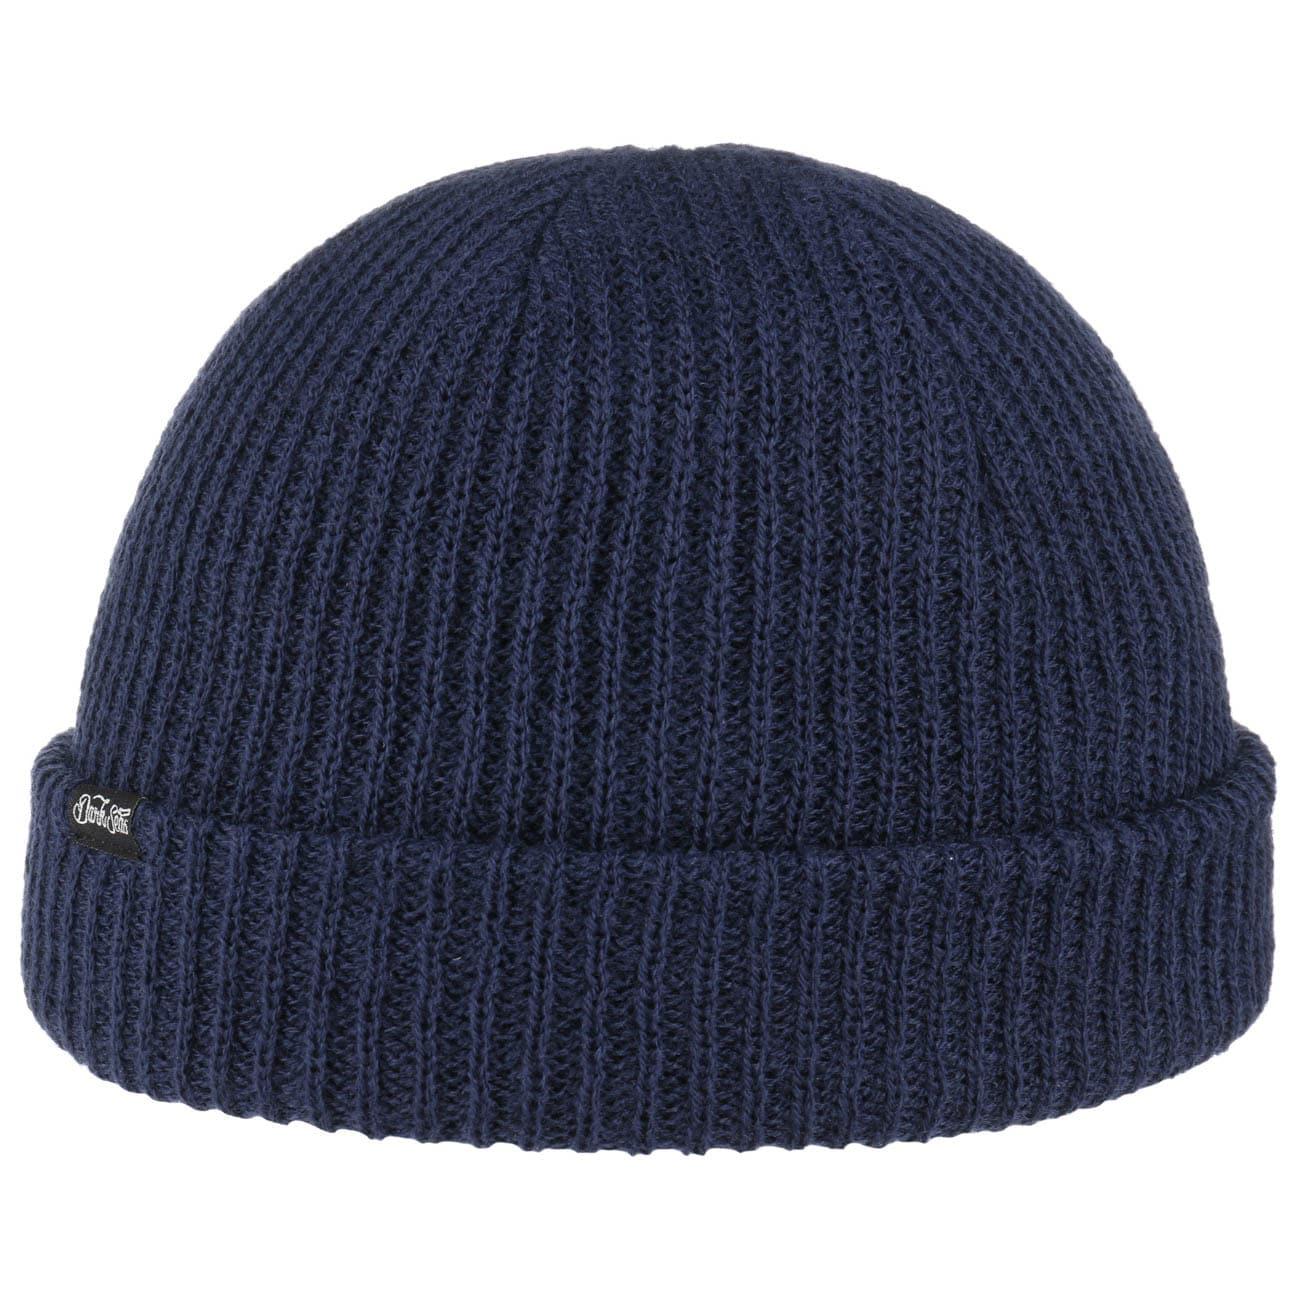 Bonnet Beanie Scout by Dark Seas  bonnet pour l`hiver